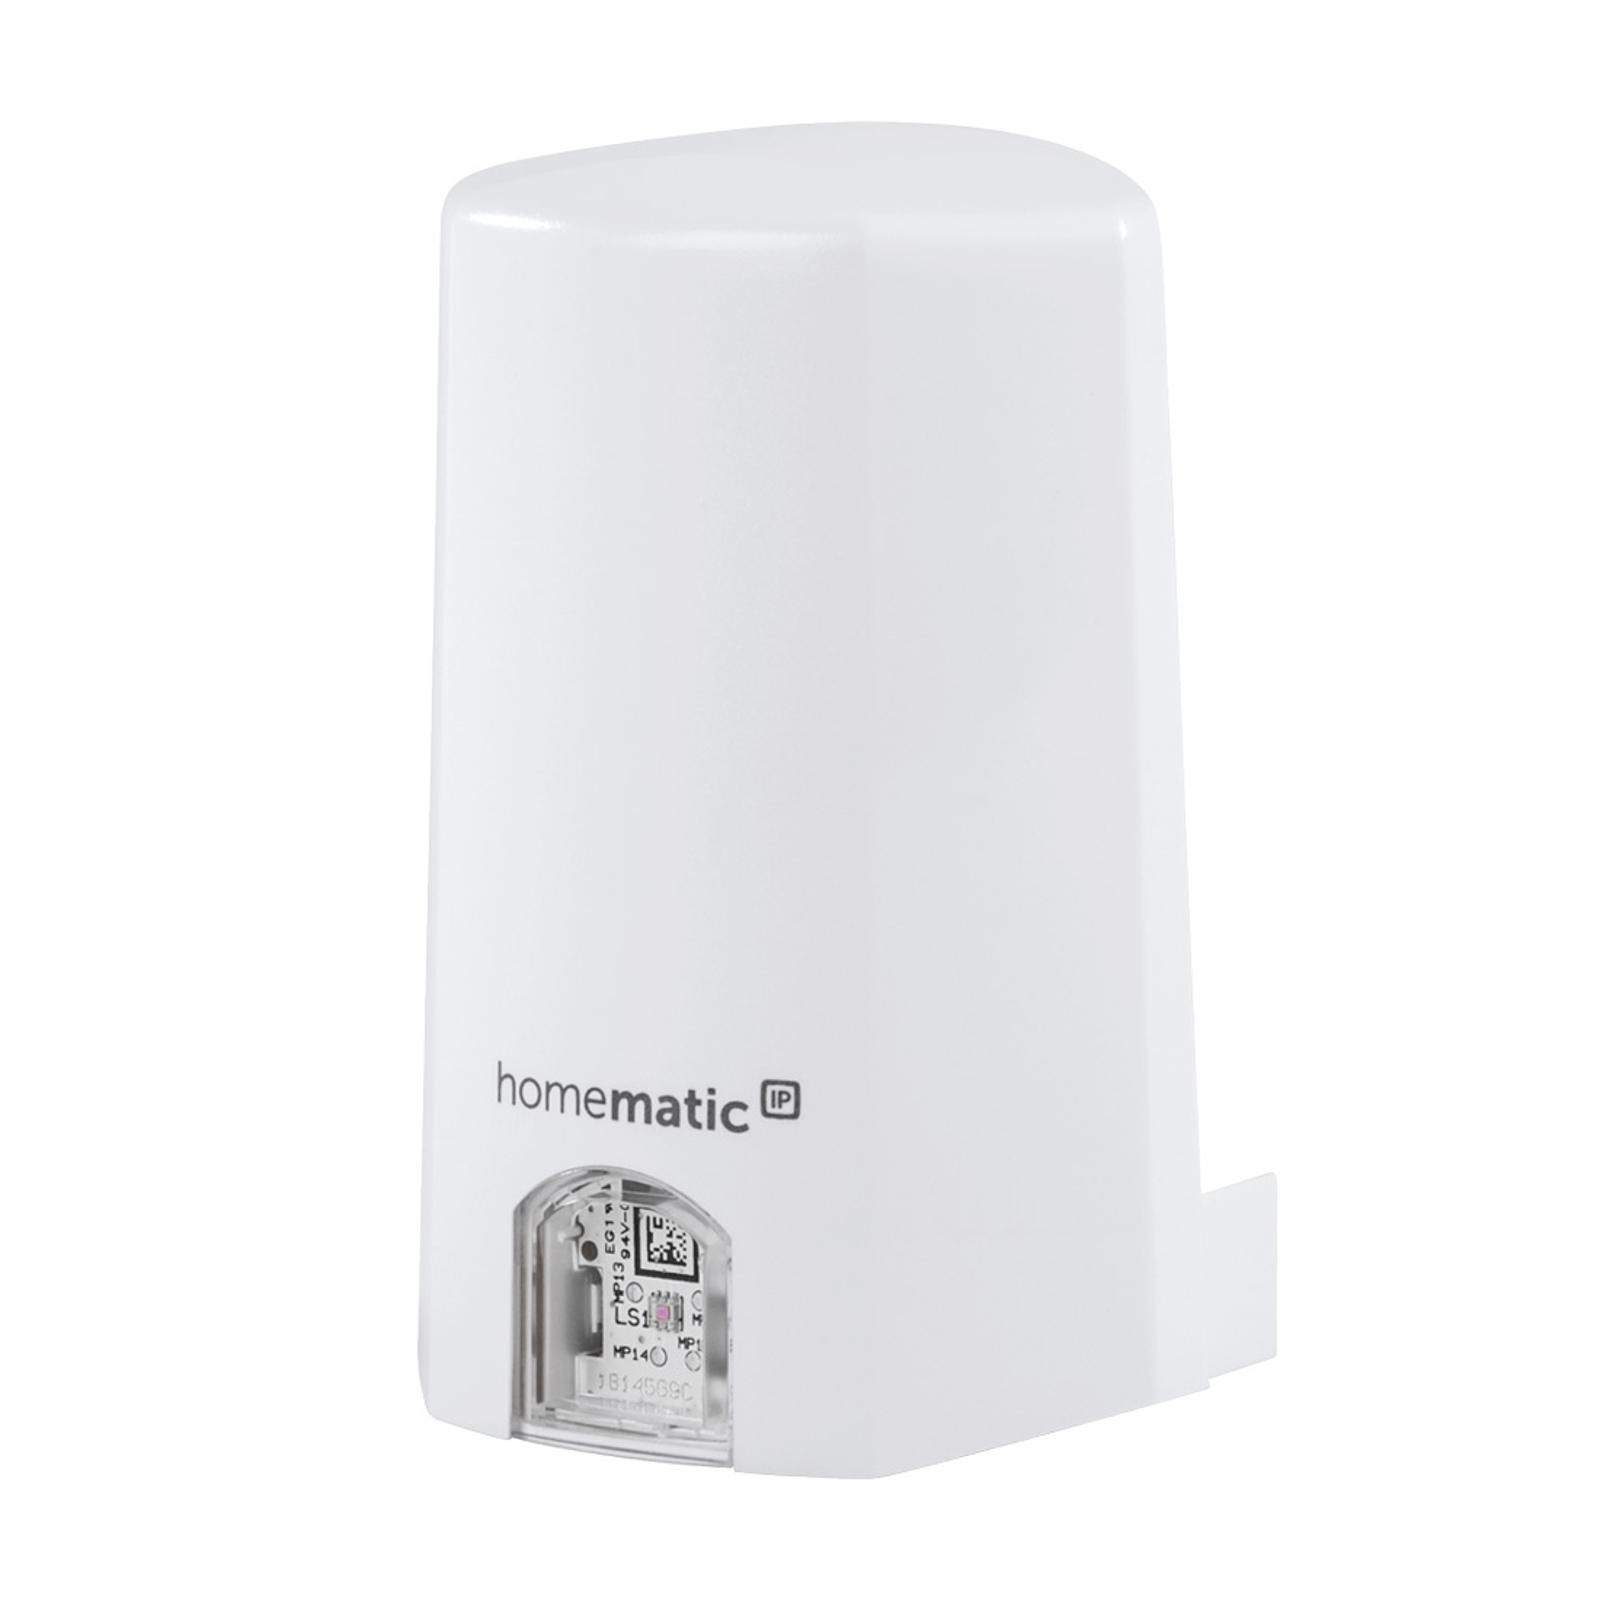 Homematic IP capteur de lumière, extérieur couvert